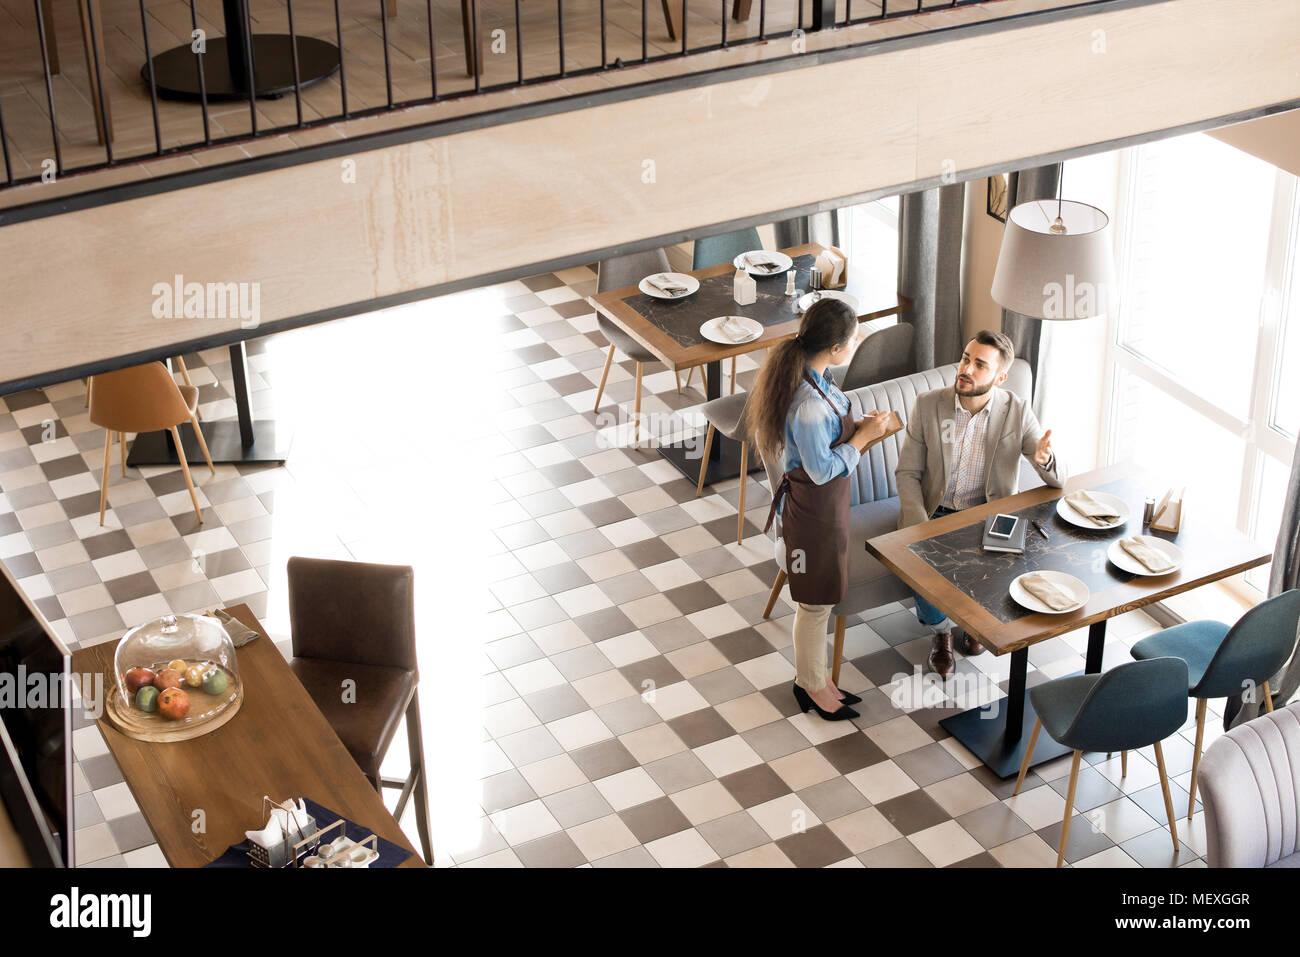 Moderno e accogliente business cafe Immagini Stock